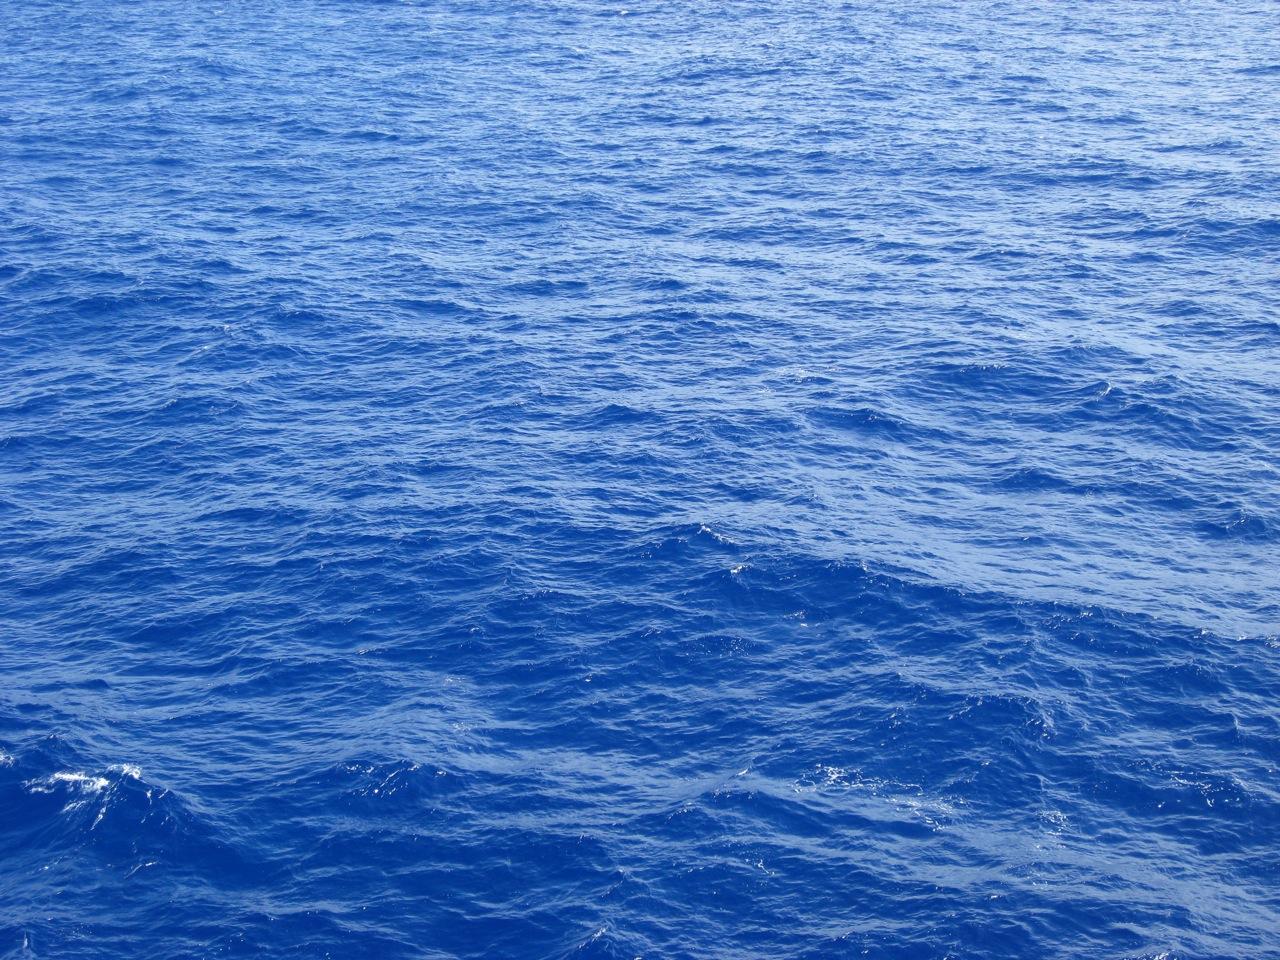 1080x960 water ocean - photo #35